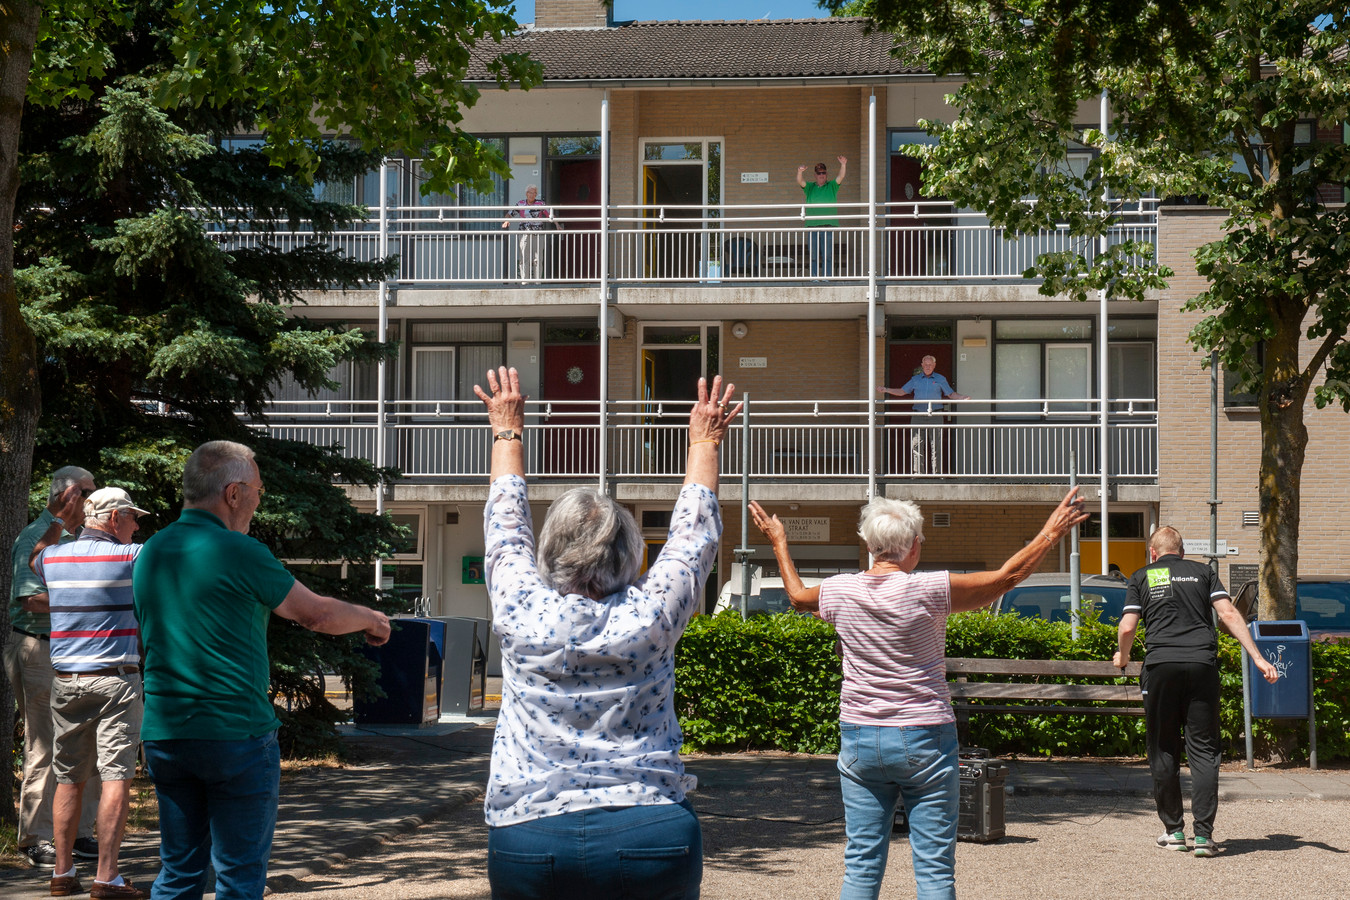 De senioren van jeu-de-boules club 'De Actieven' bewegen mee met de ouderen op de galerij van het appartementencomplex in Rosmalen